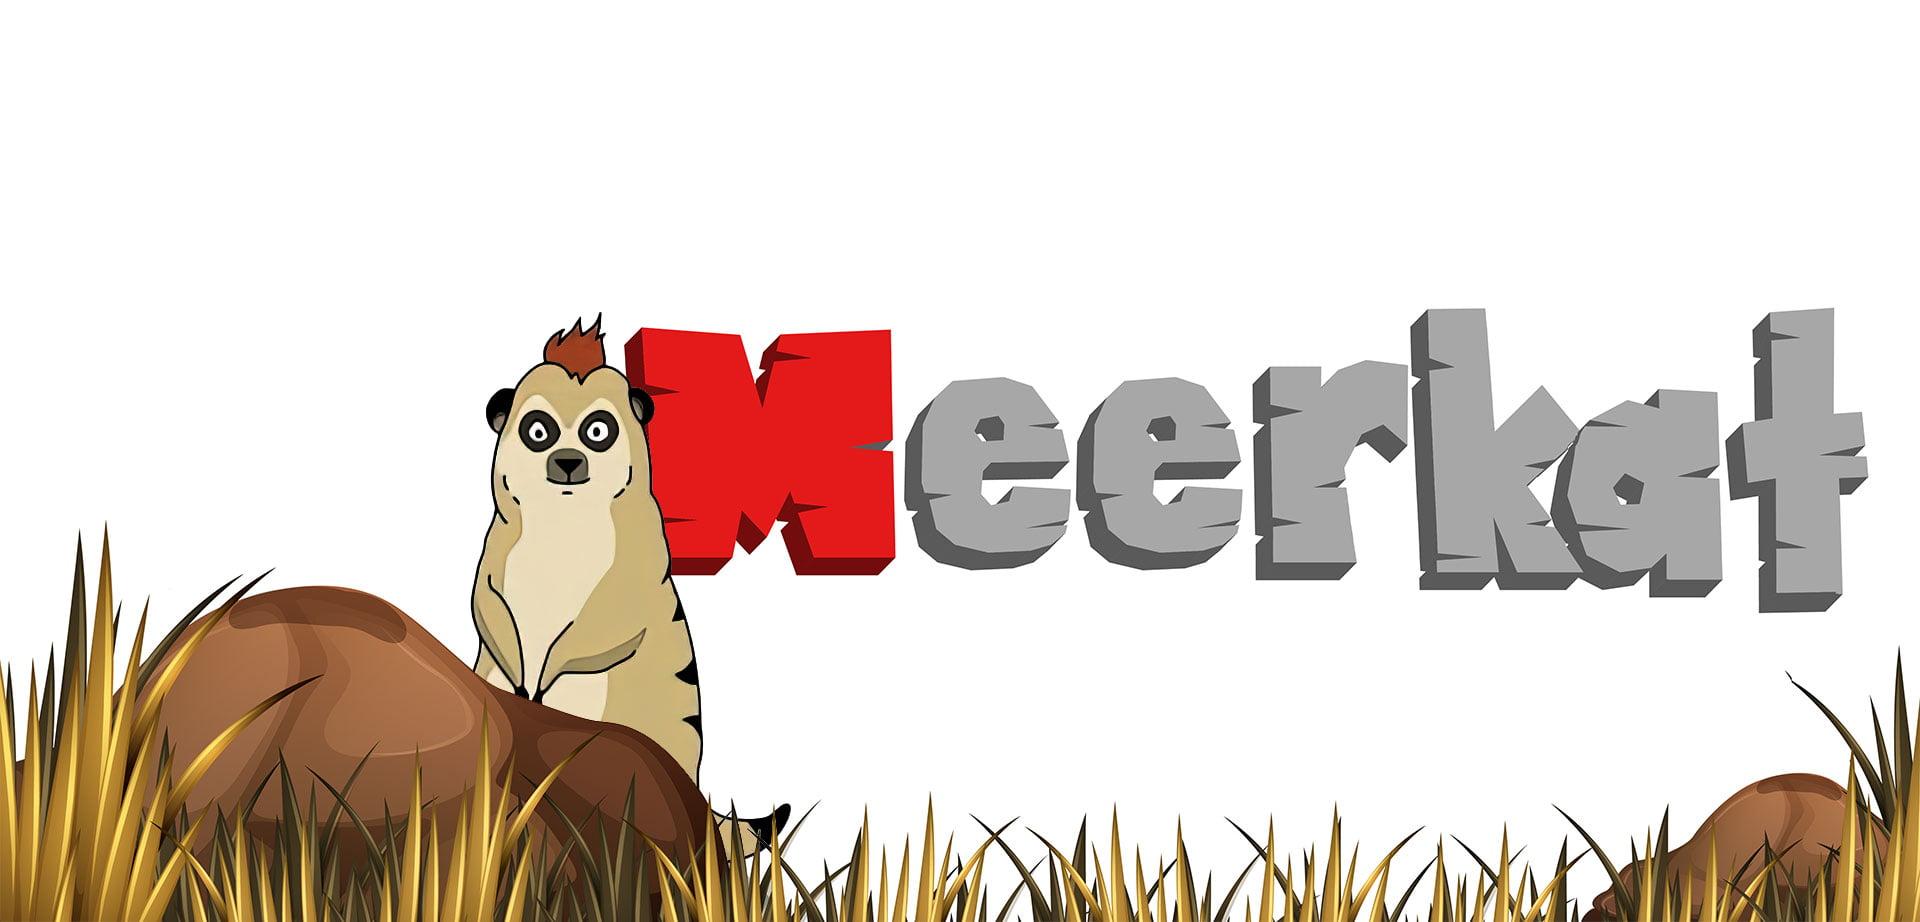 Meerkat-Finance